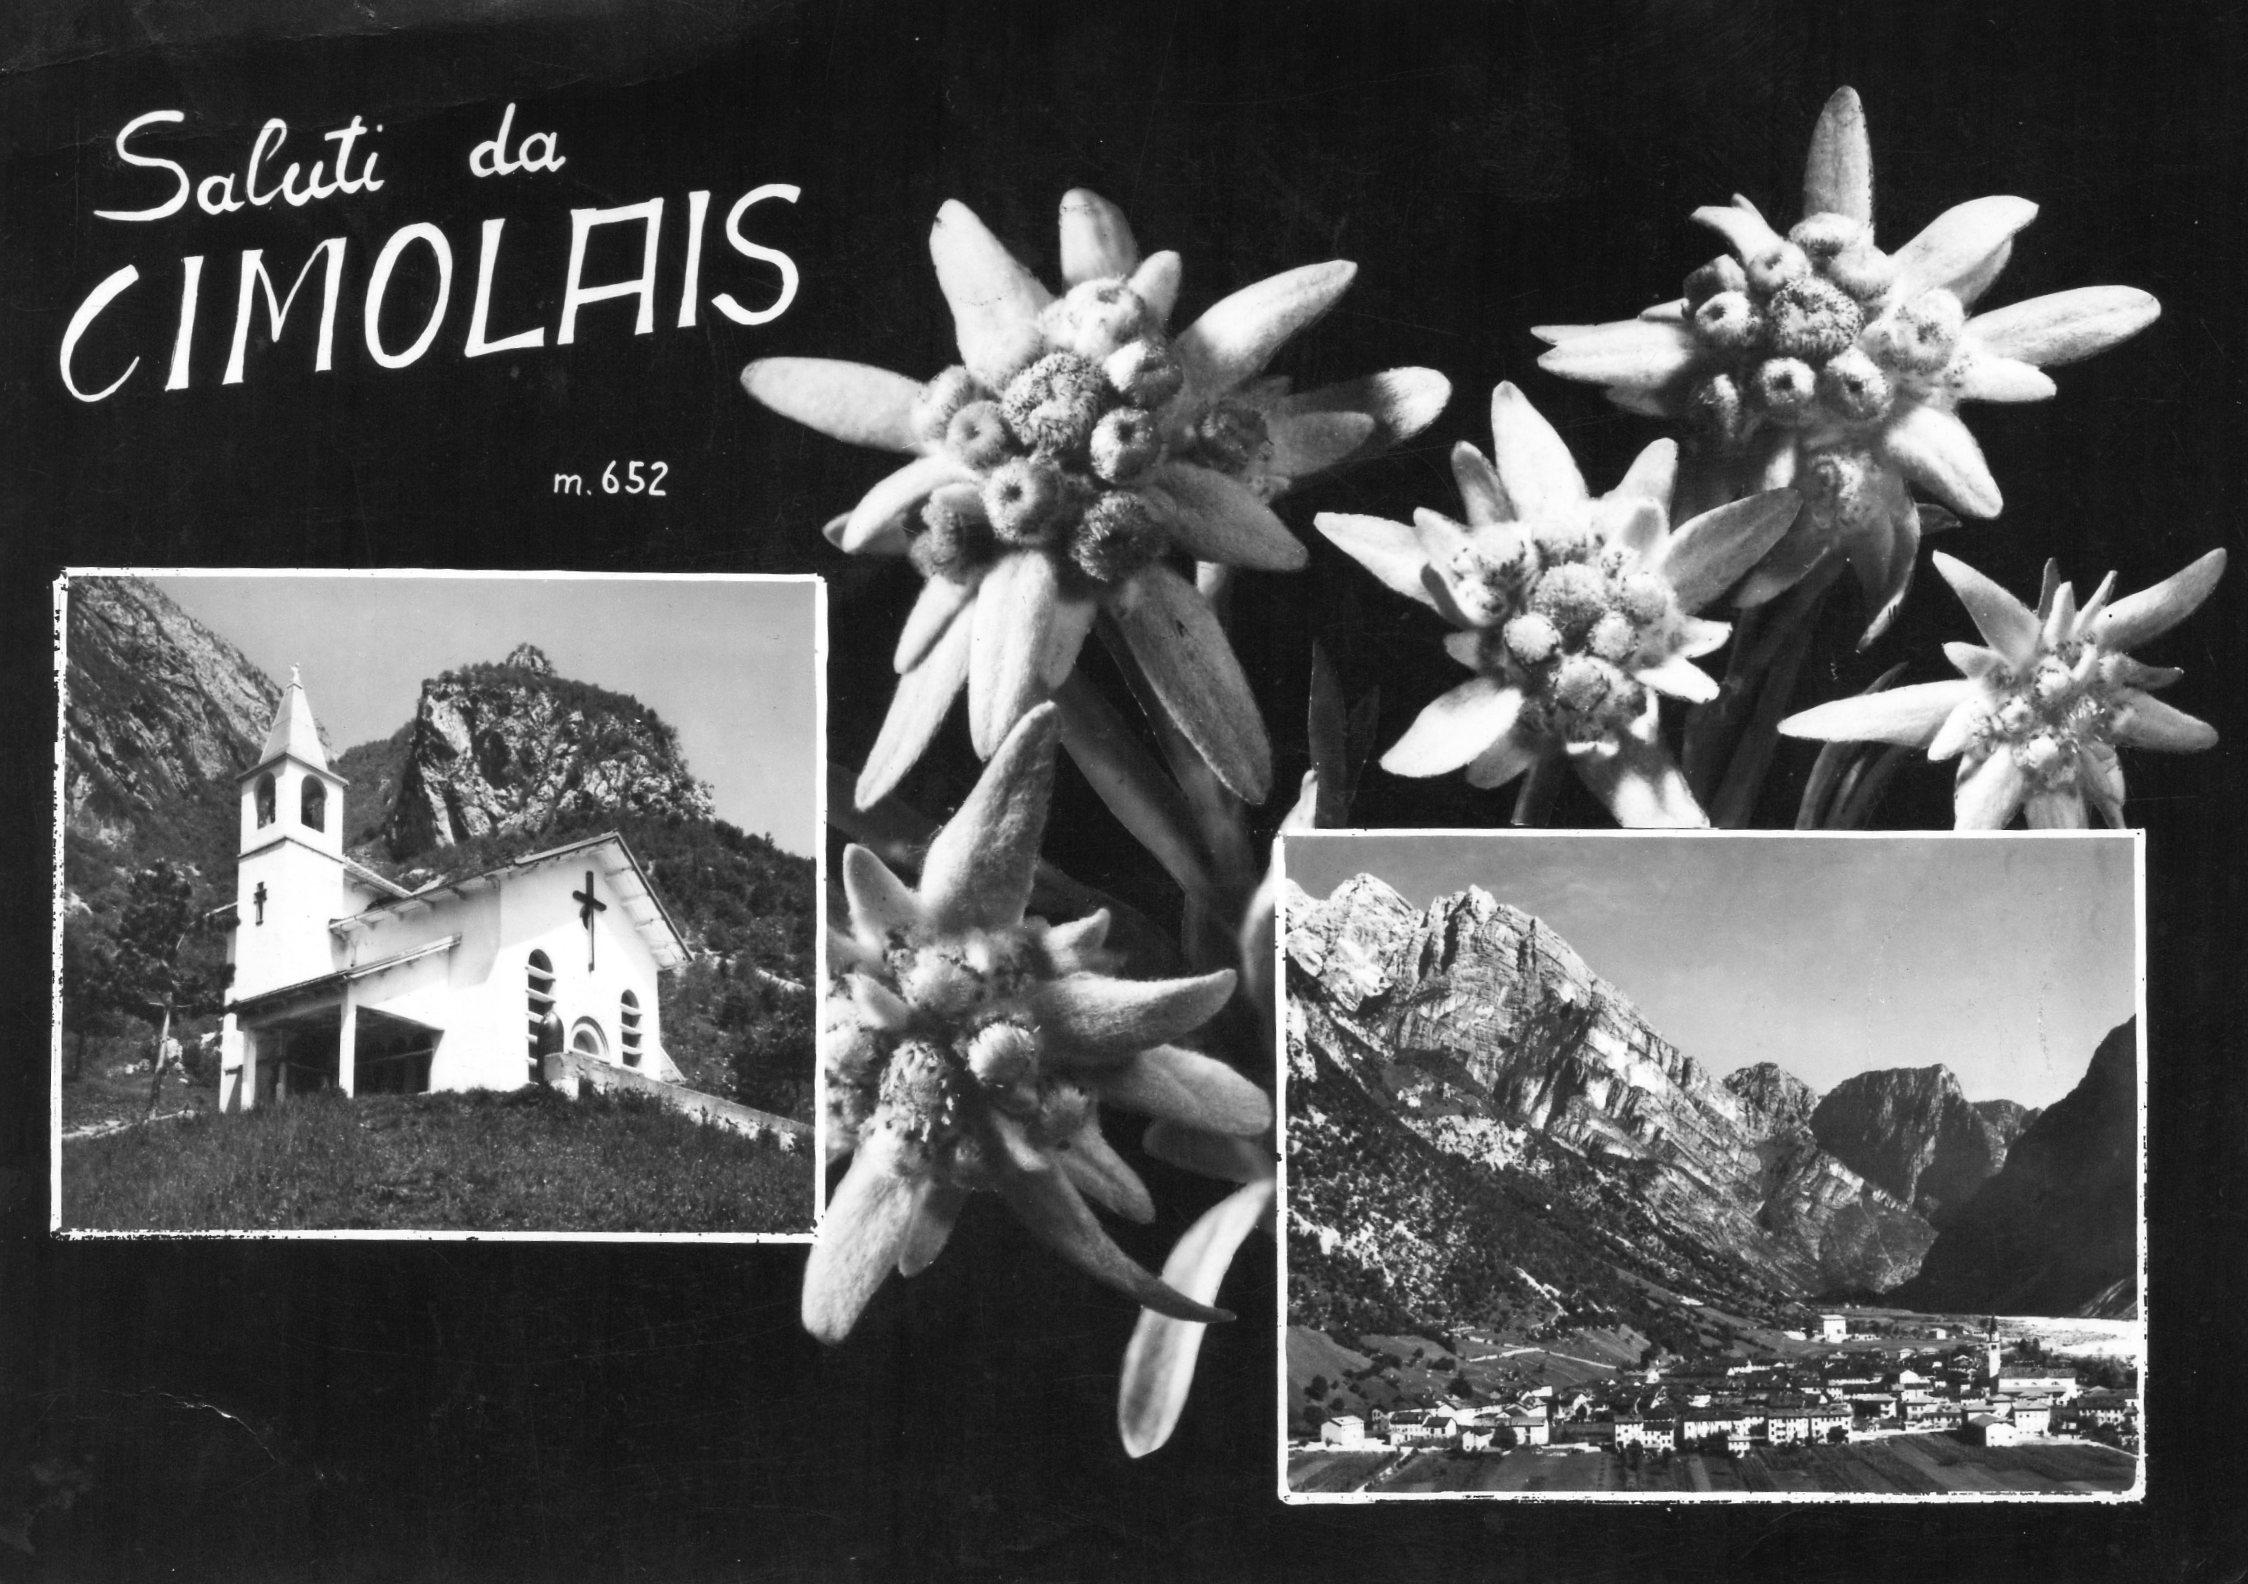 Cartolina Cimolais anni 70